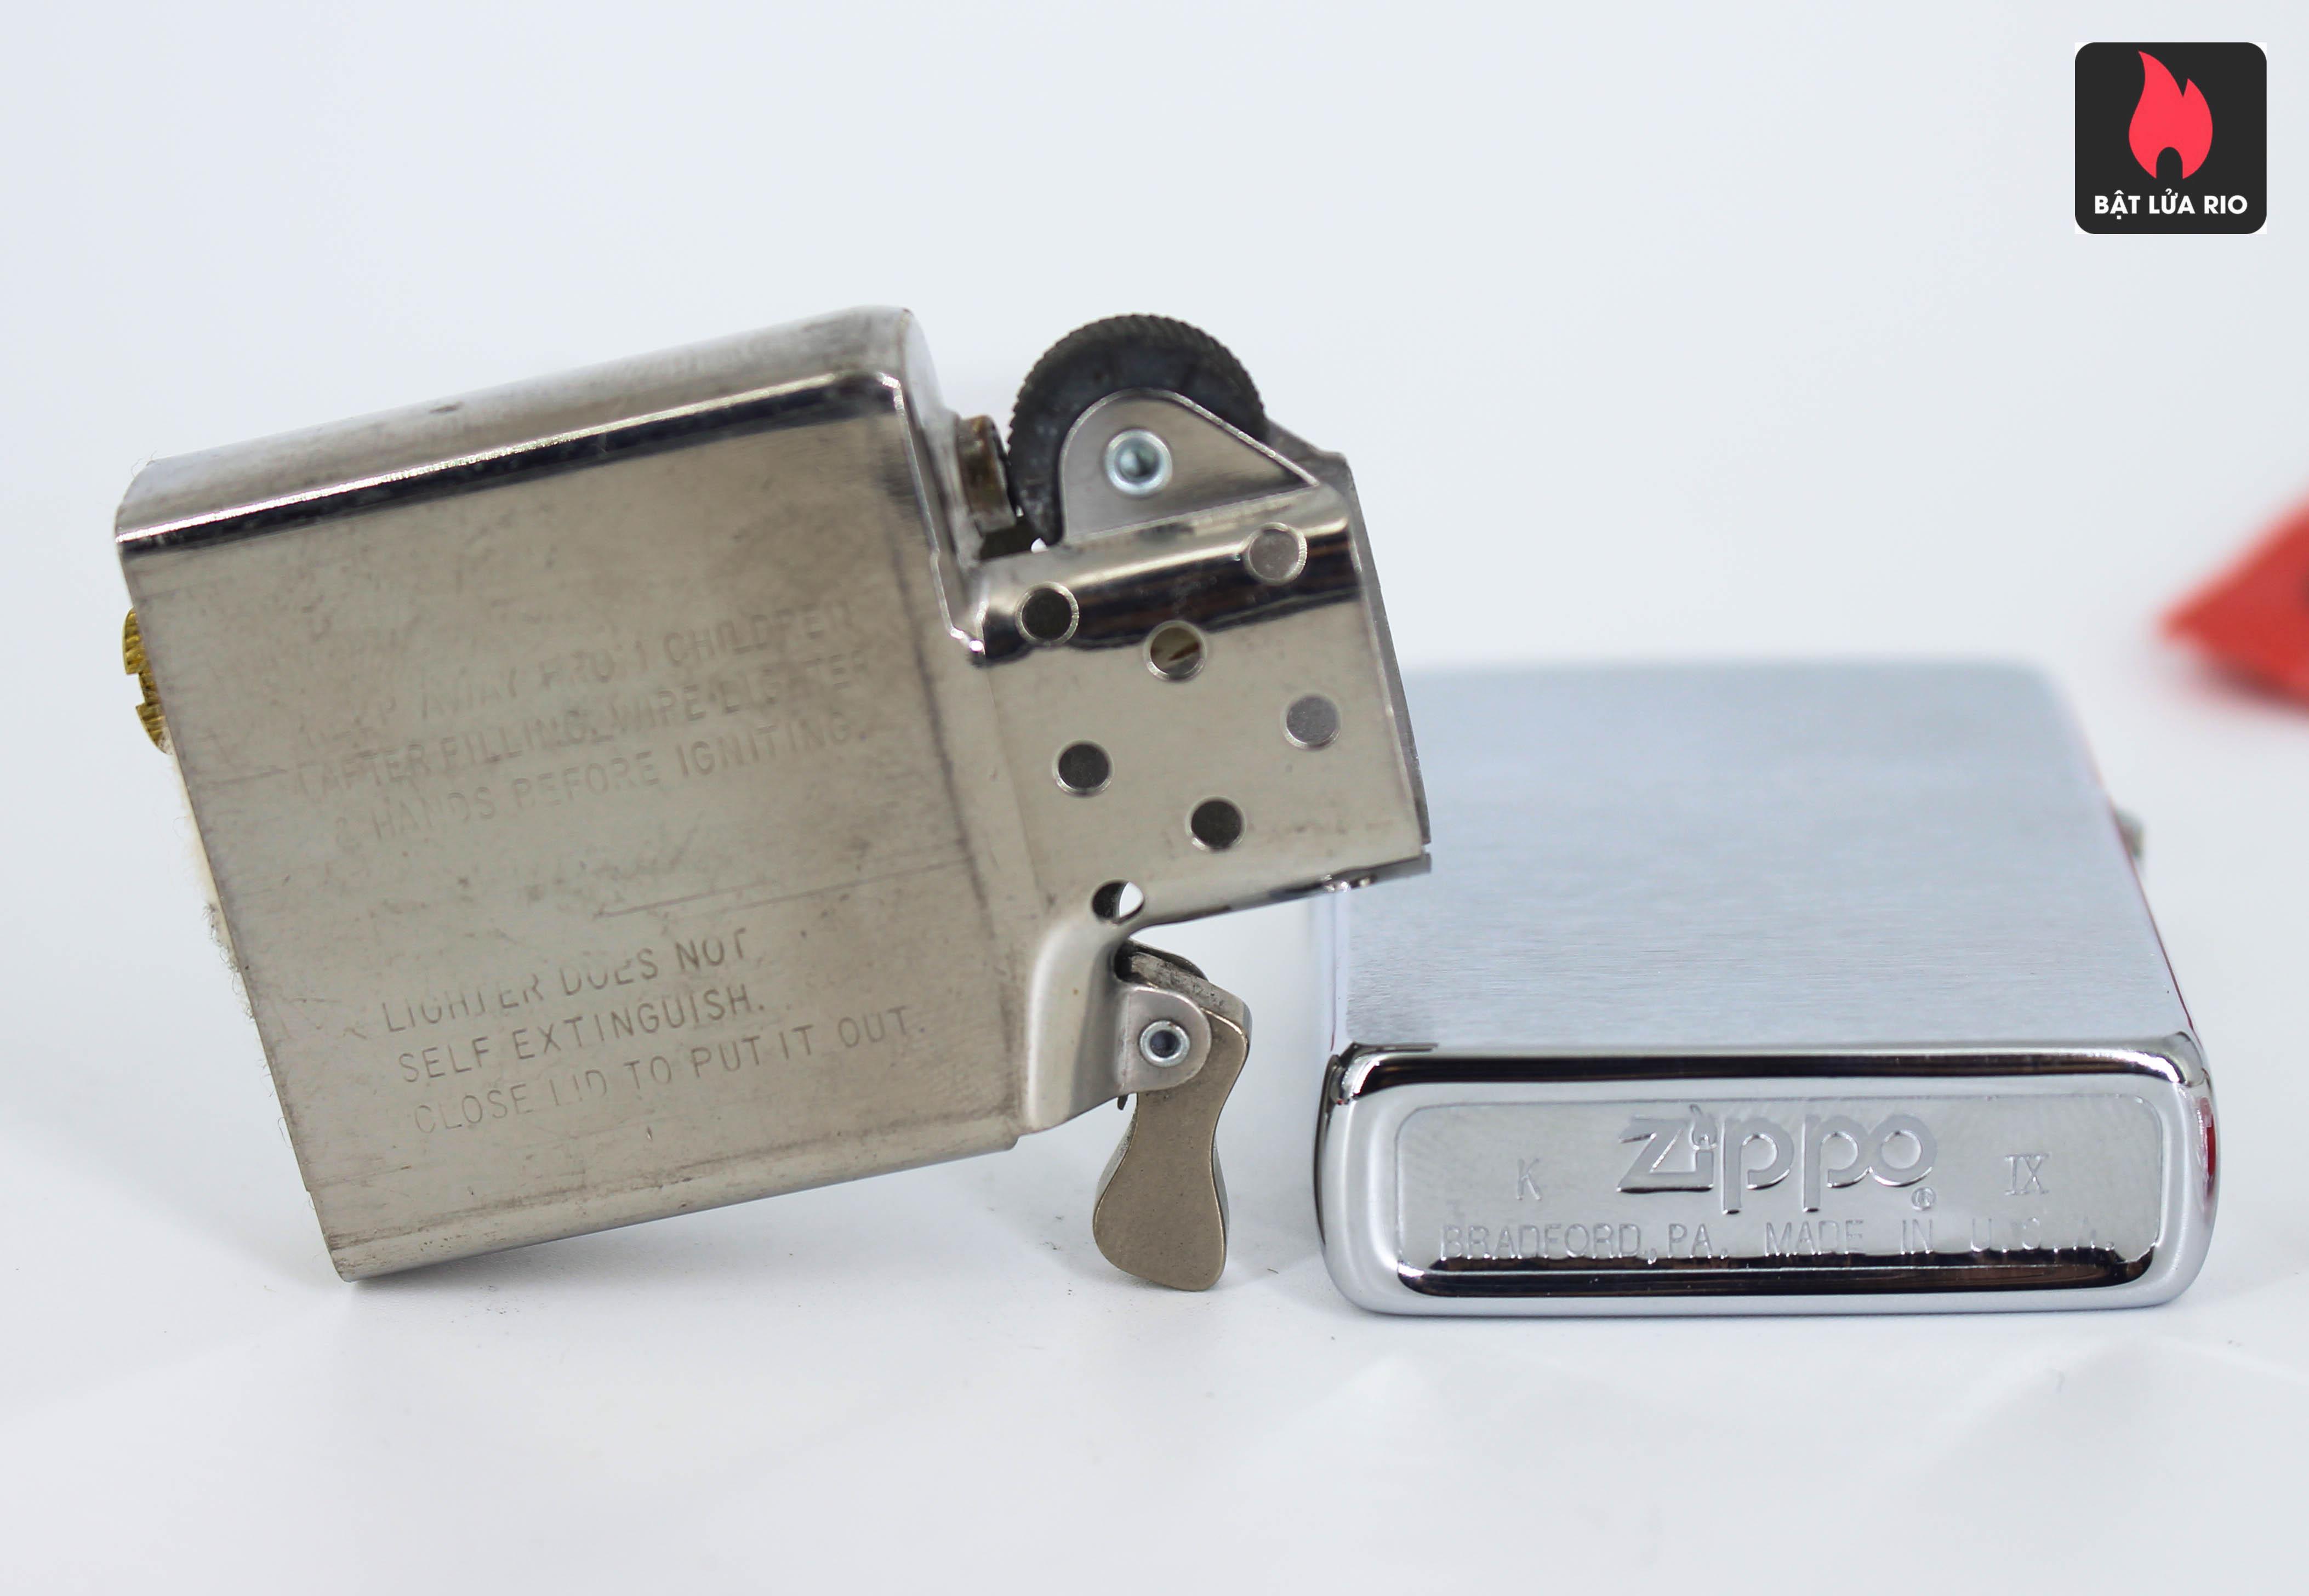 Zippo La Mã 1993 – Brushed Chrome – Plain – Trơn 2 Mặt 1